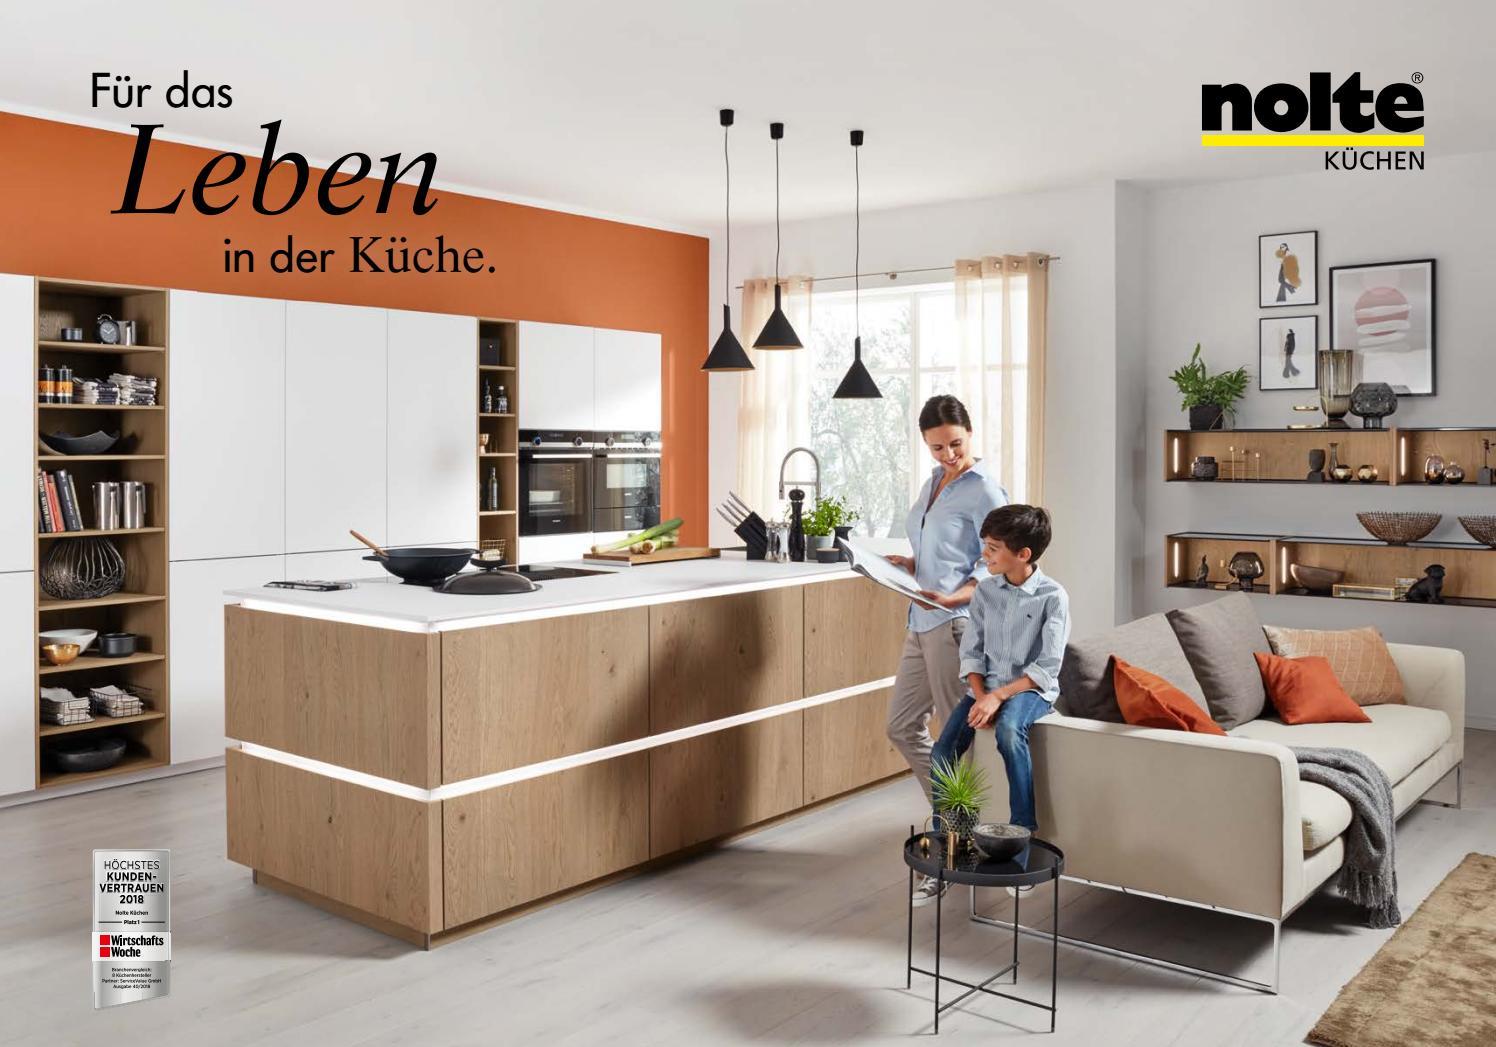 Nolte Kuchen Magazin 2019 By Nldm Issuu